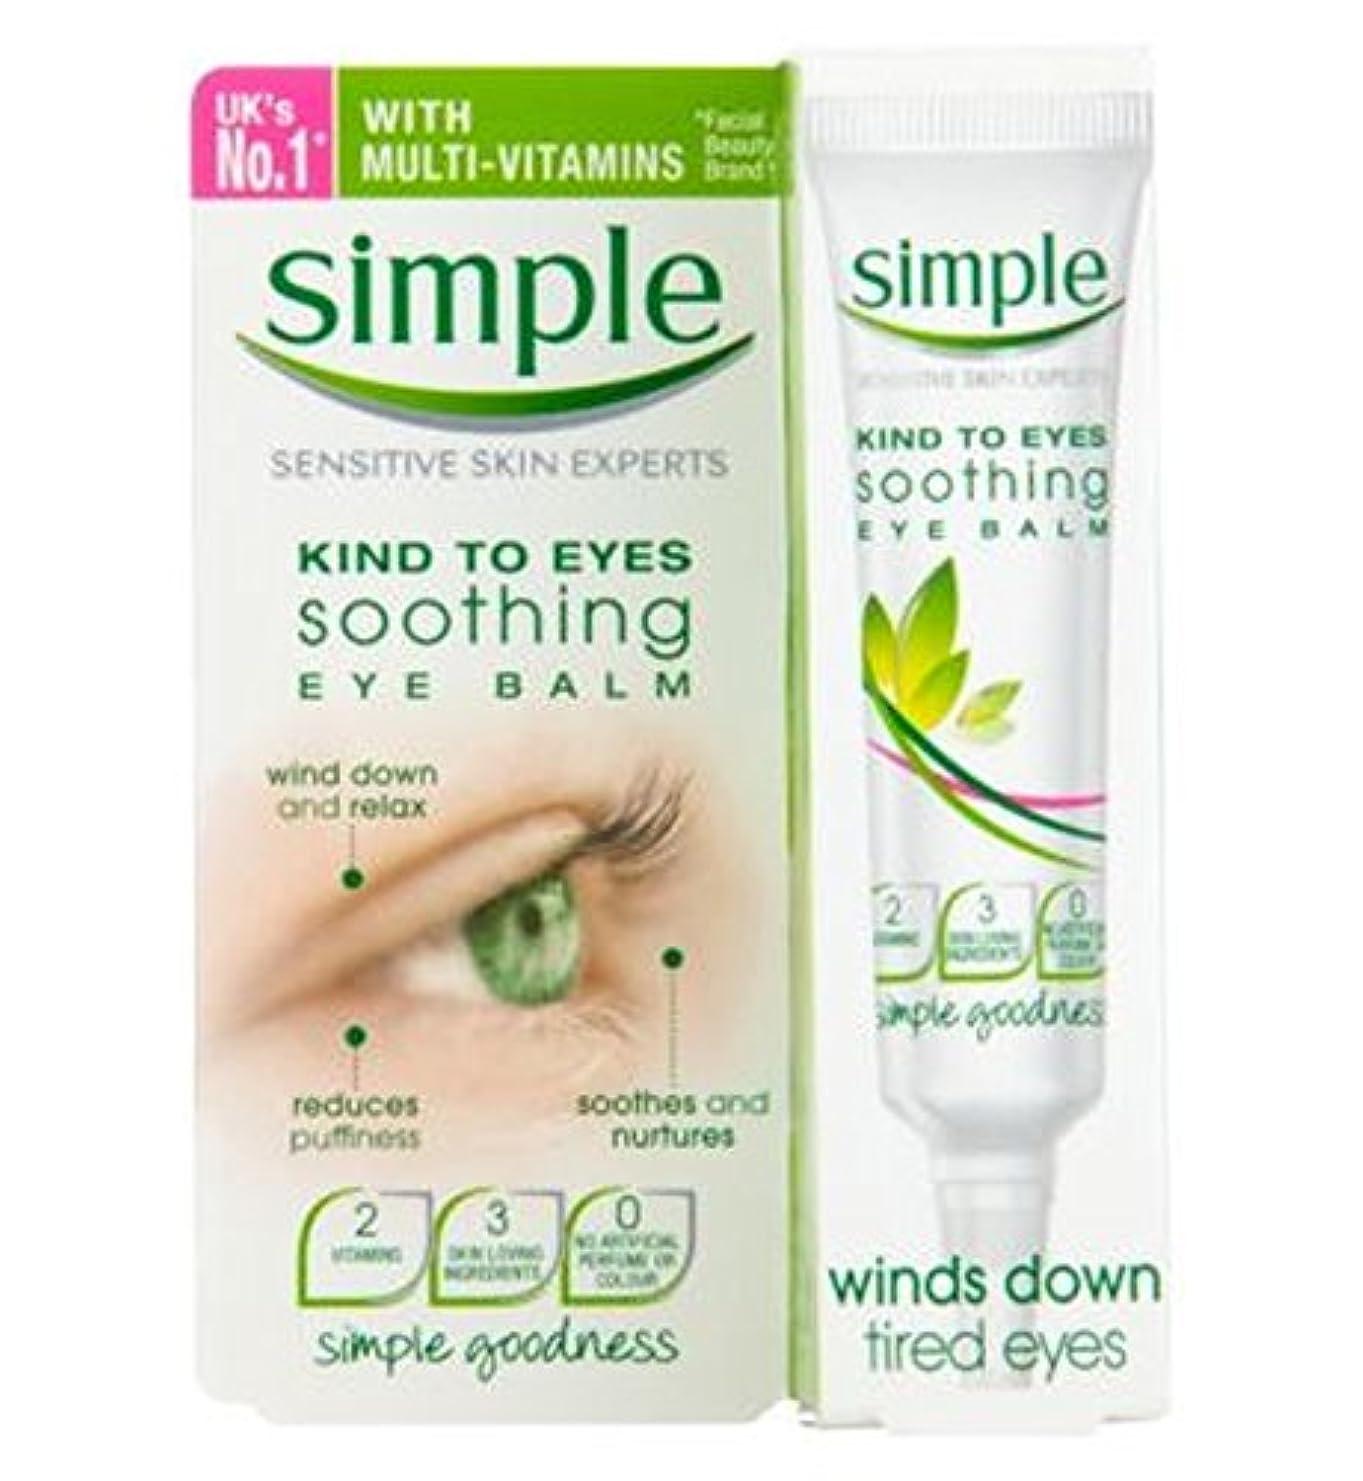 撤回する着陸短くする目への単純な親切な落ち着いたアイクリーム15ミリリットル (Simple) (x2) - Simple Kind To Eyes Soothing Eye Balm 15ml (Pack of 2) [並行輸入品]